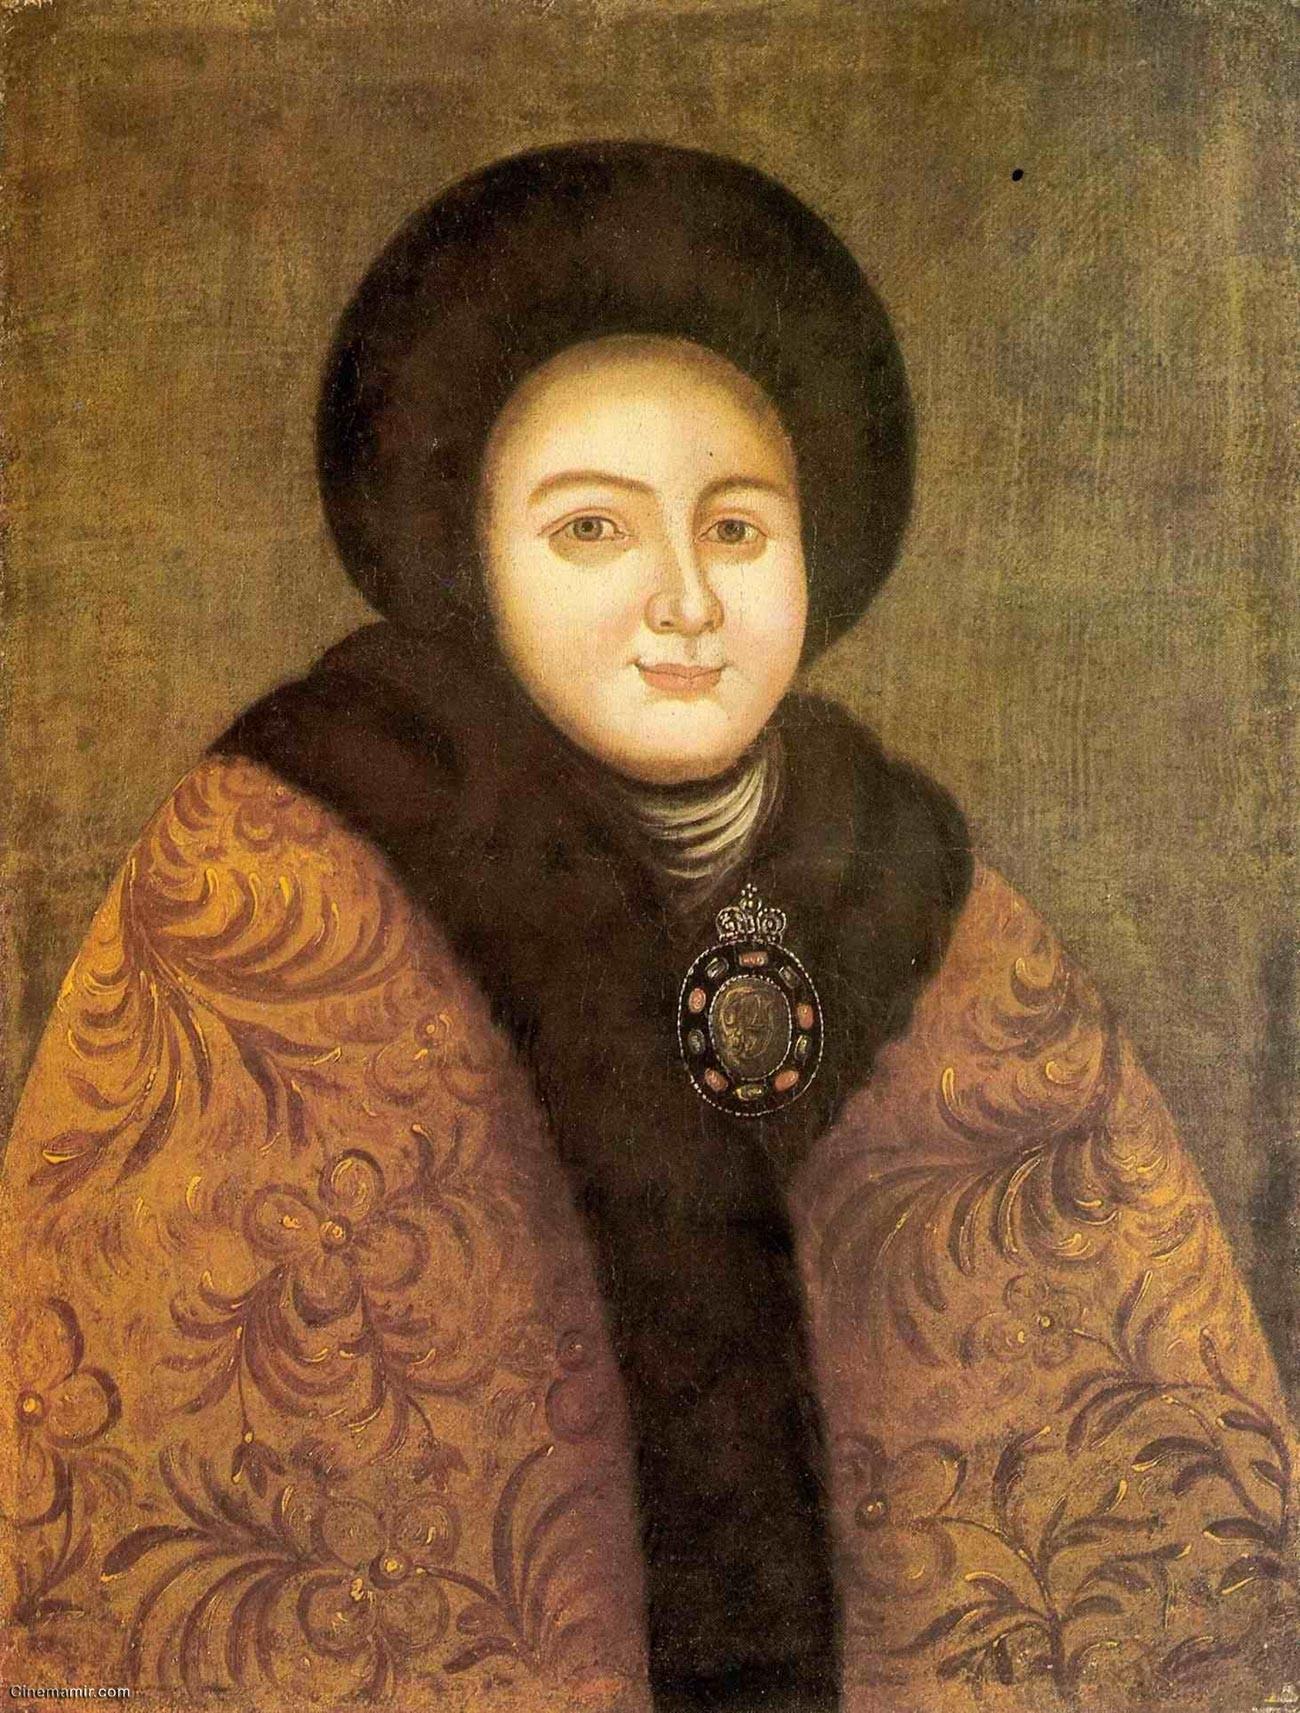 Evdokija Lopukhina, ritratto del XVIII secolo